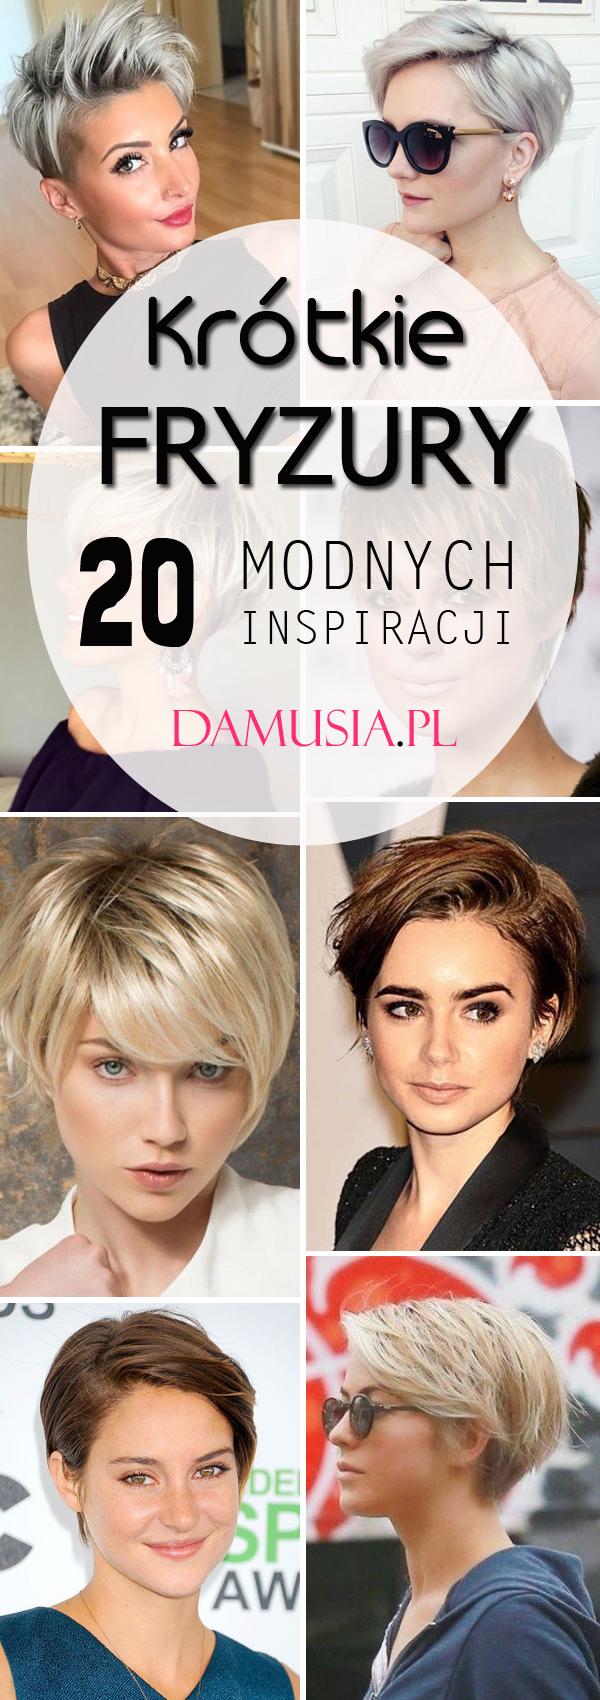 Krótkie Fryzury Top 20 Modnych Inspiracji Na Krótkie Włosy